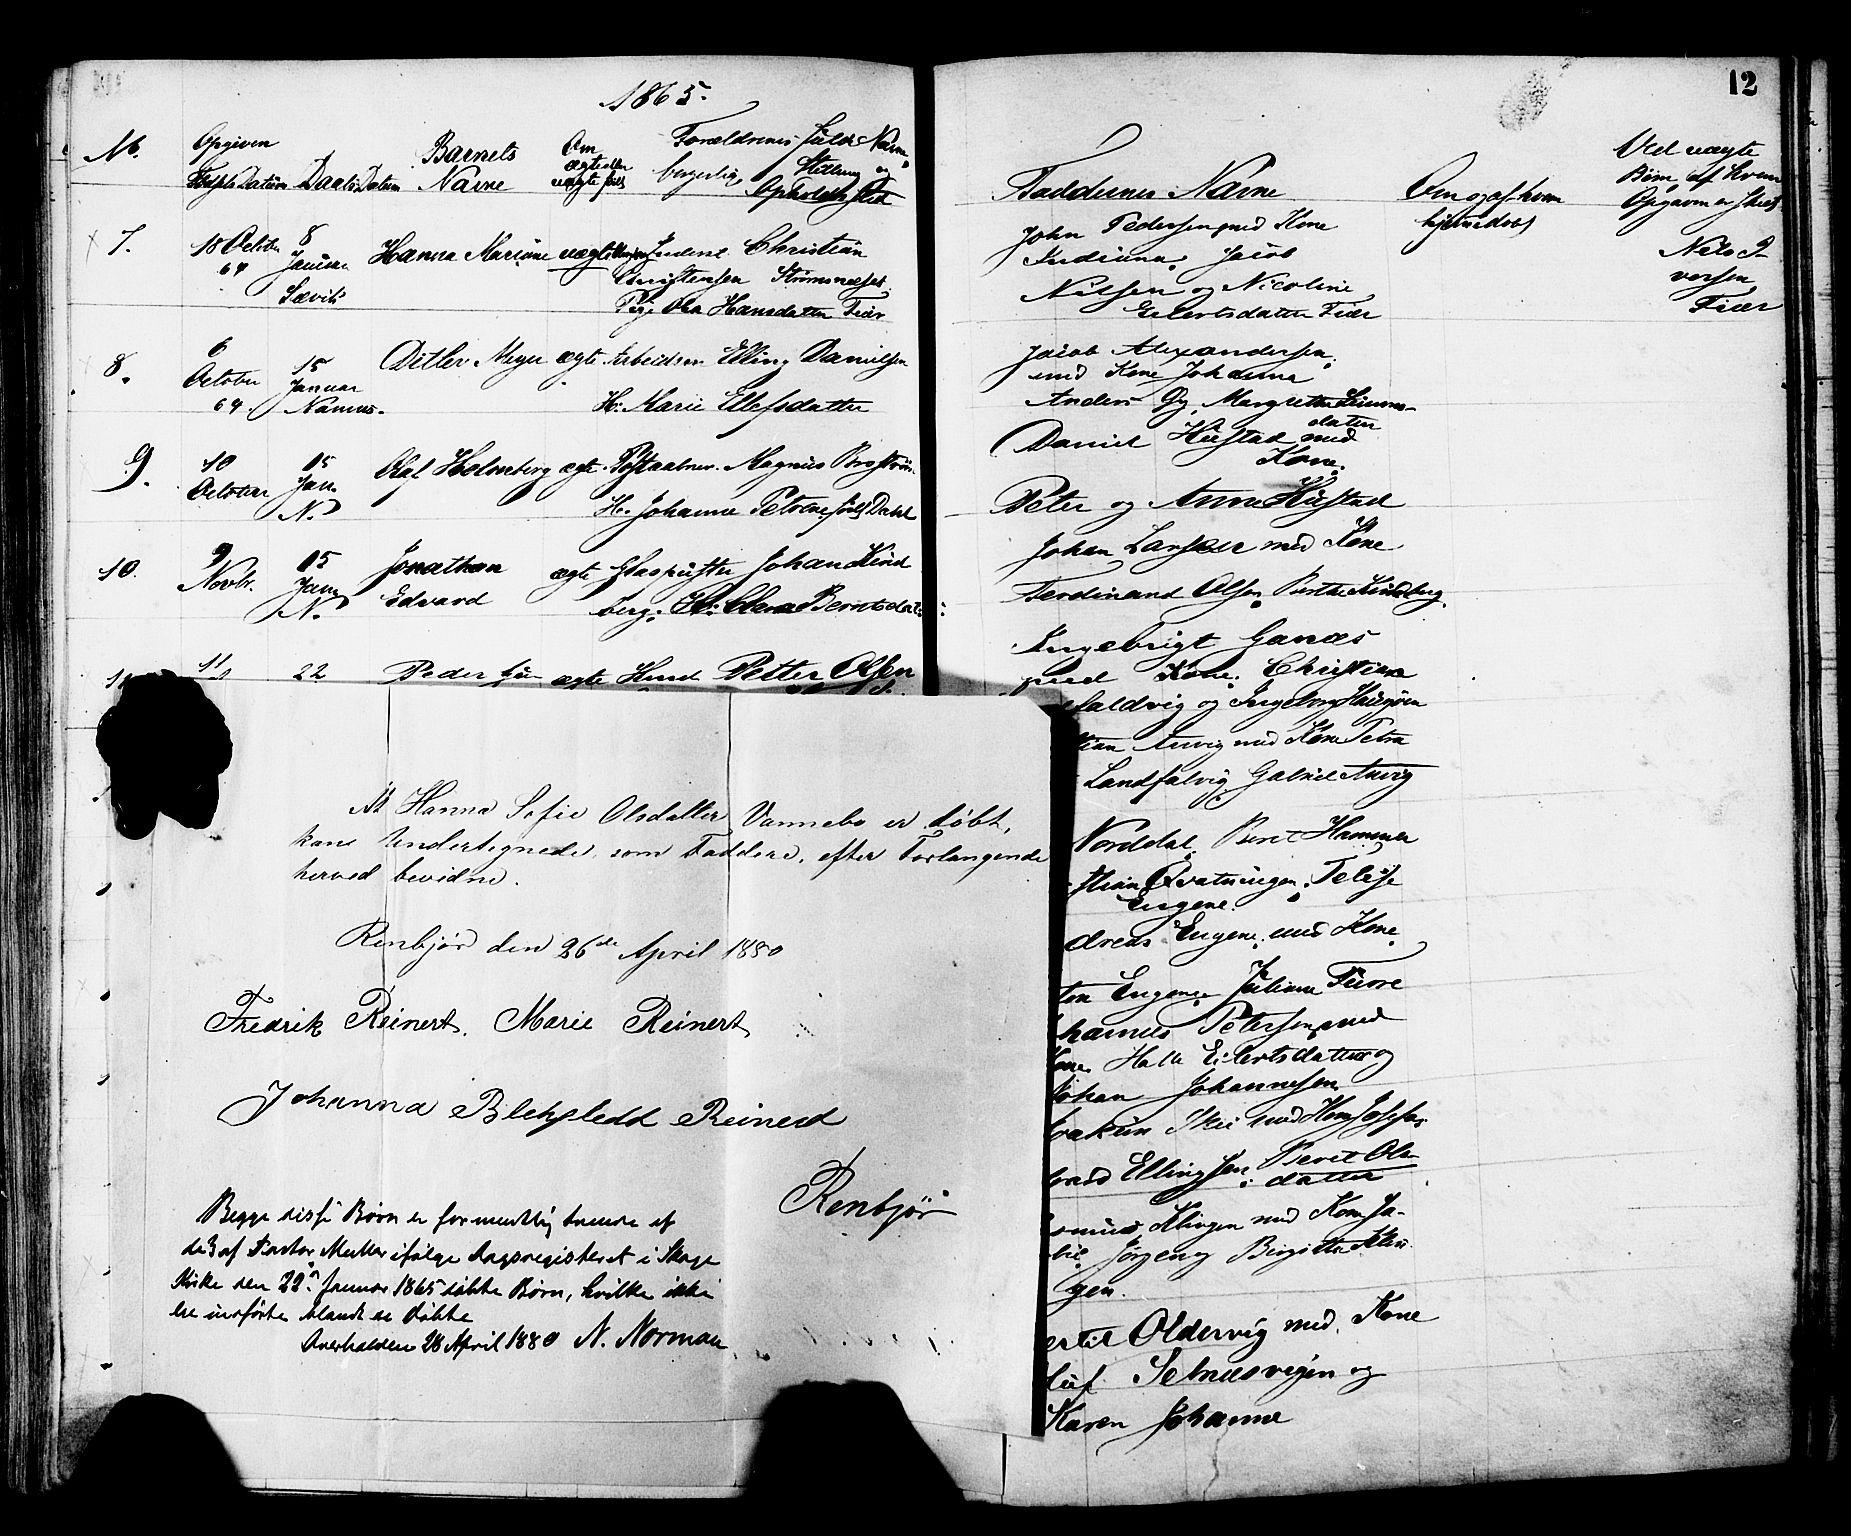 SAT, Ministerialprotokoller, klokkerbøker og fødselsregistre - Nord-Trøndelag, 764/L0553: Ministerialbok nr. 764A08, 1858-1880, s. 12